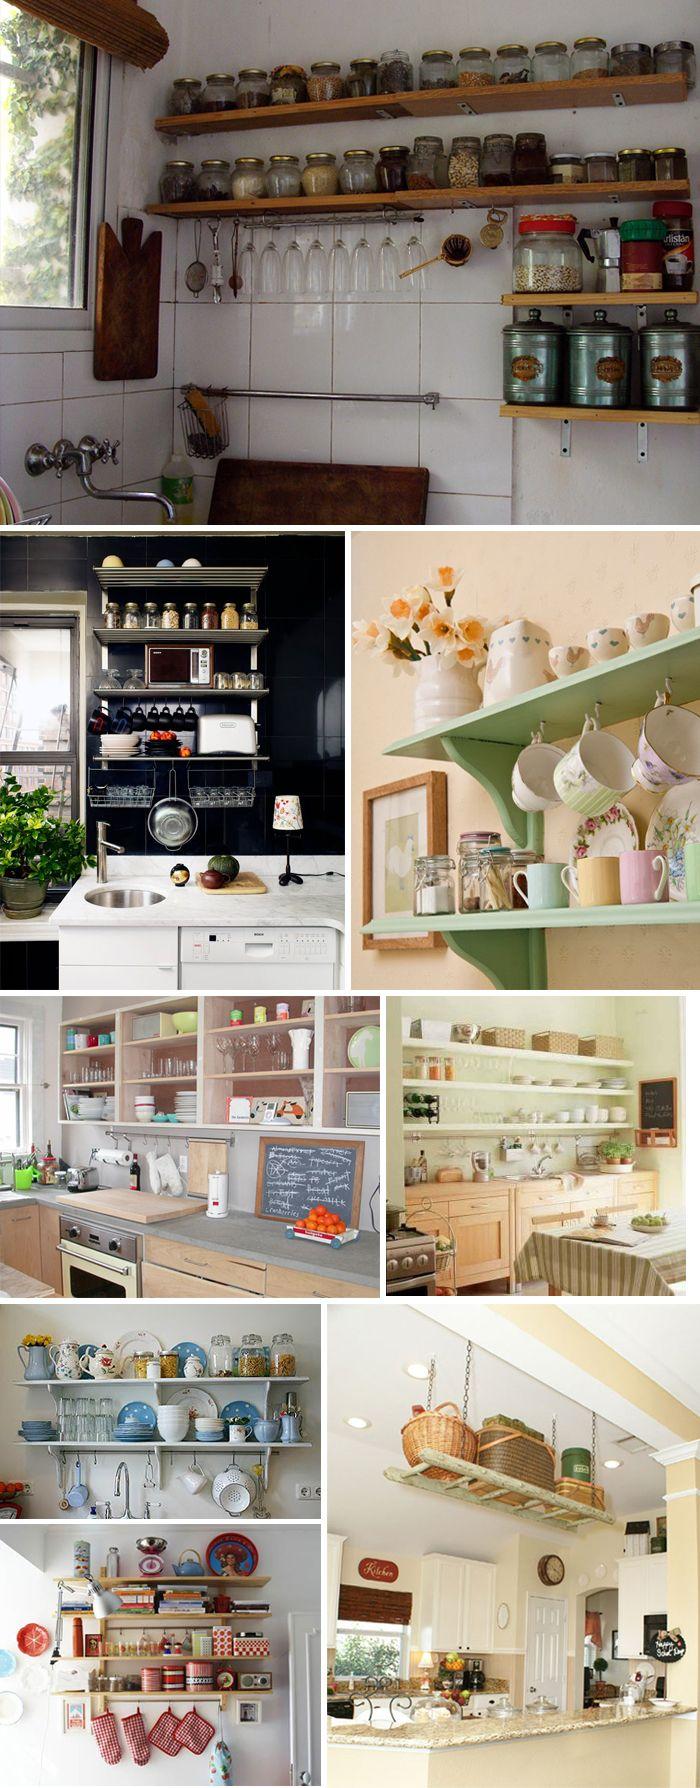 Como decorar gastando pouco: Cozinhas! - Bramare por Bia LombardiBramare por Bia Lombardi